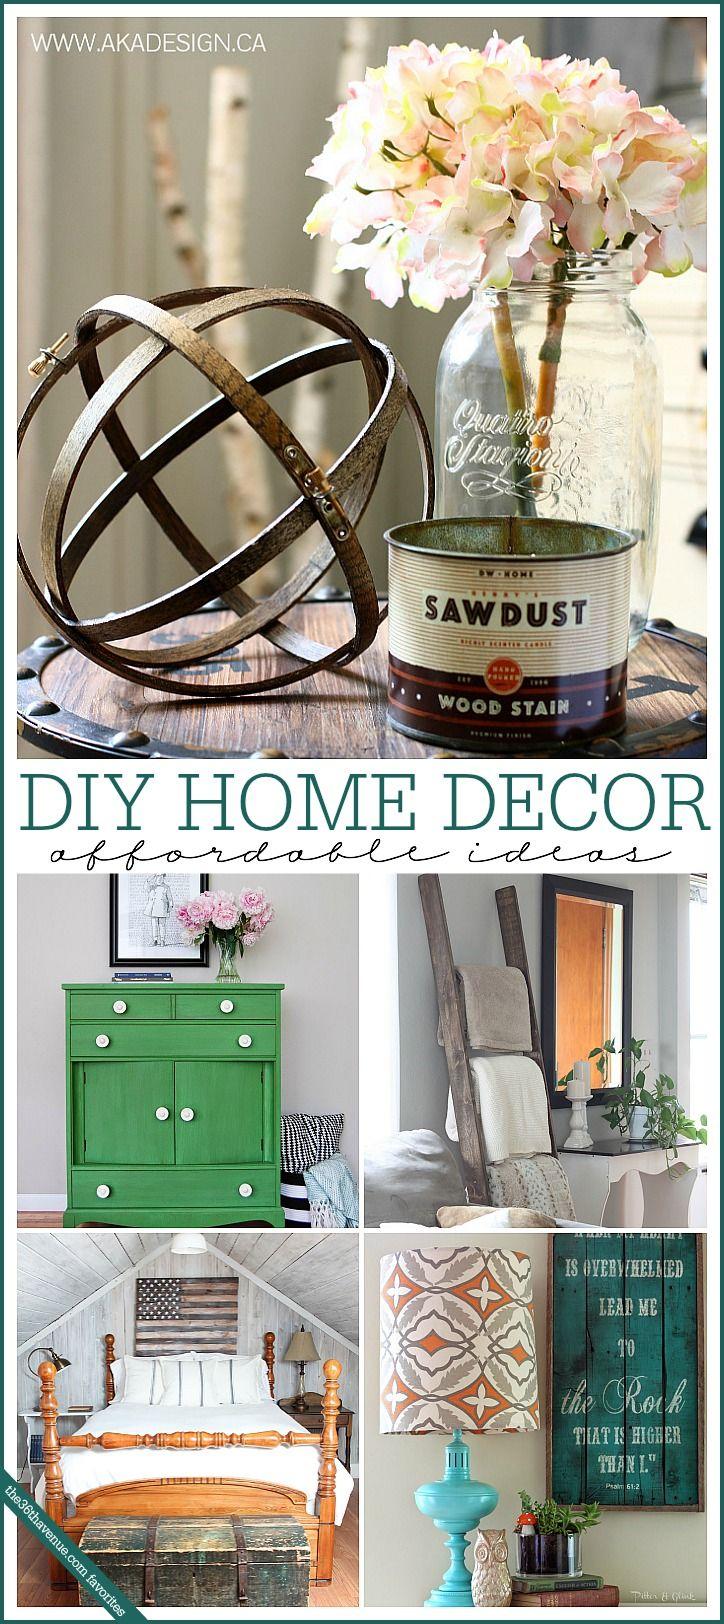 Home Decor Affordable Diy Ideas Diy Home Decor Diy Home Decor Projects Diy Decor Projects